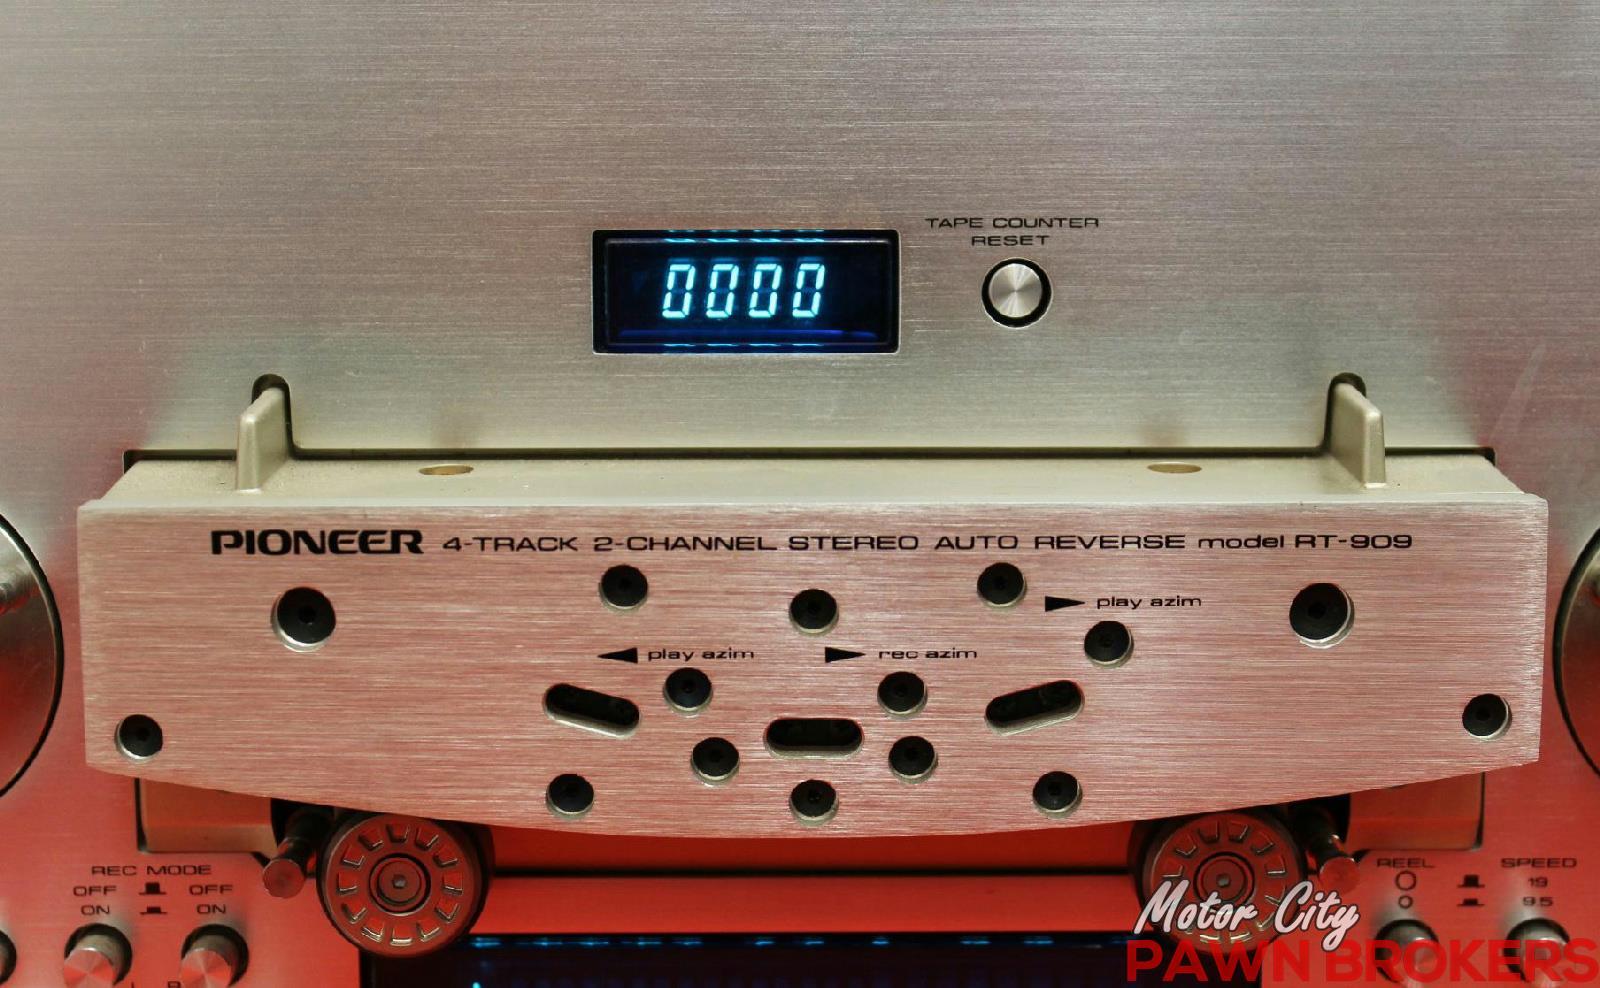 Pioneer rt 909 3 motor 7 10 reels vintage reel for Motor city pawn shop